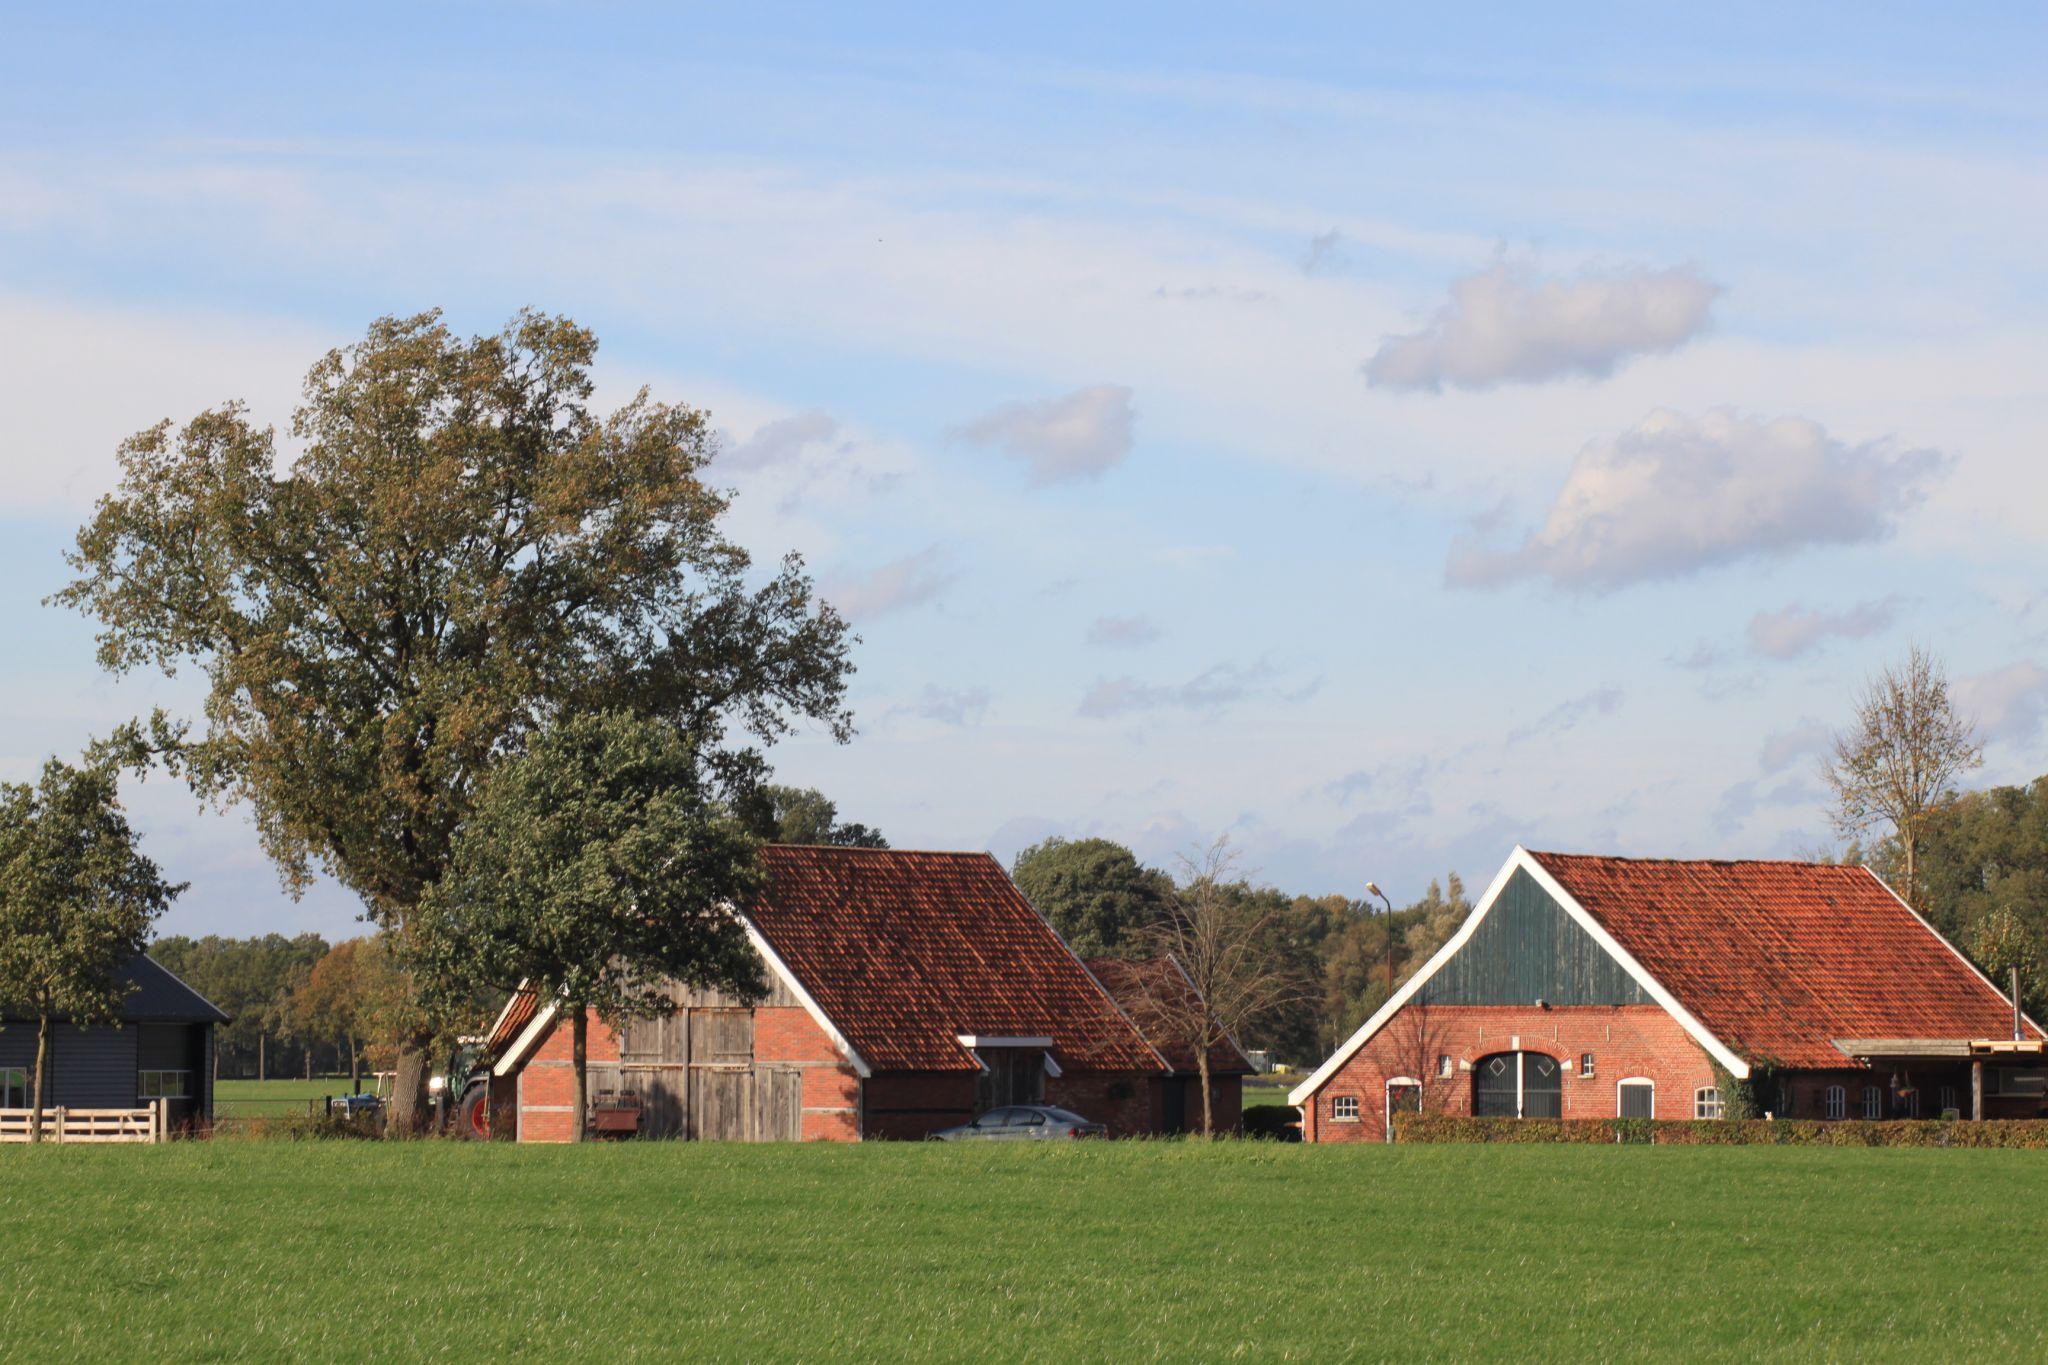 Bauernhof in den Niederlanden, Netherlands